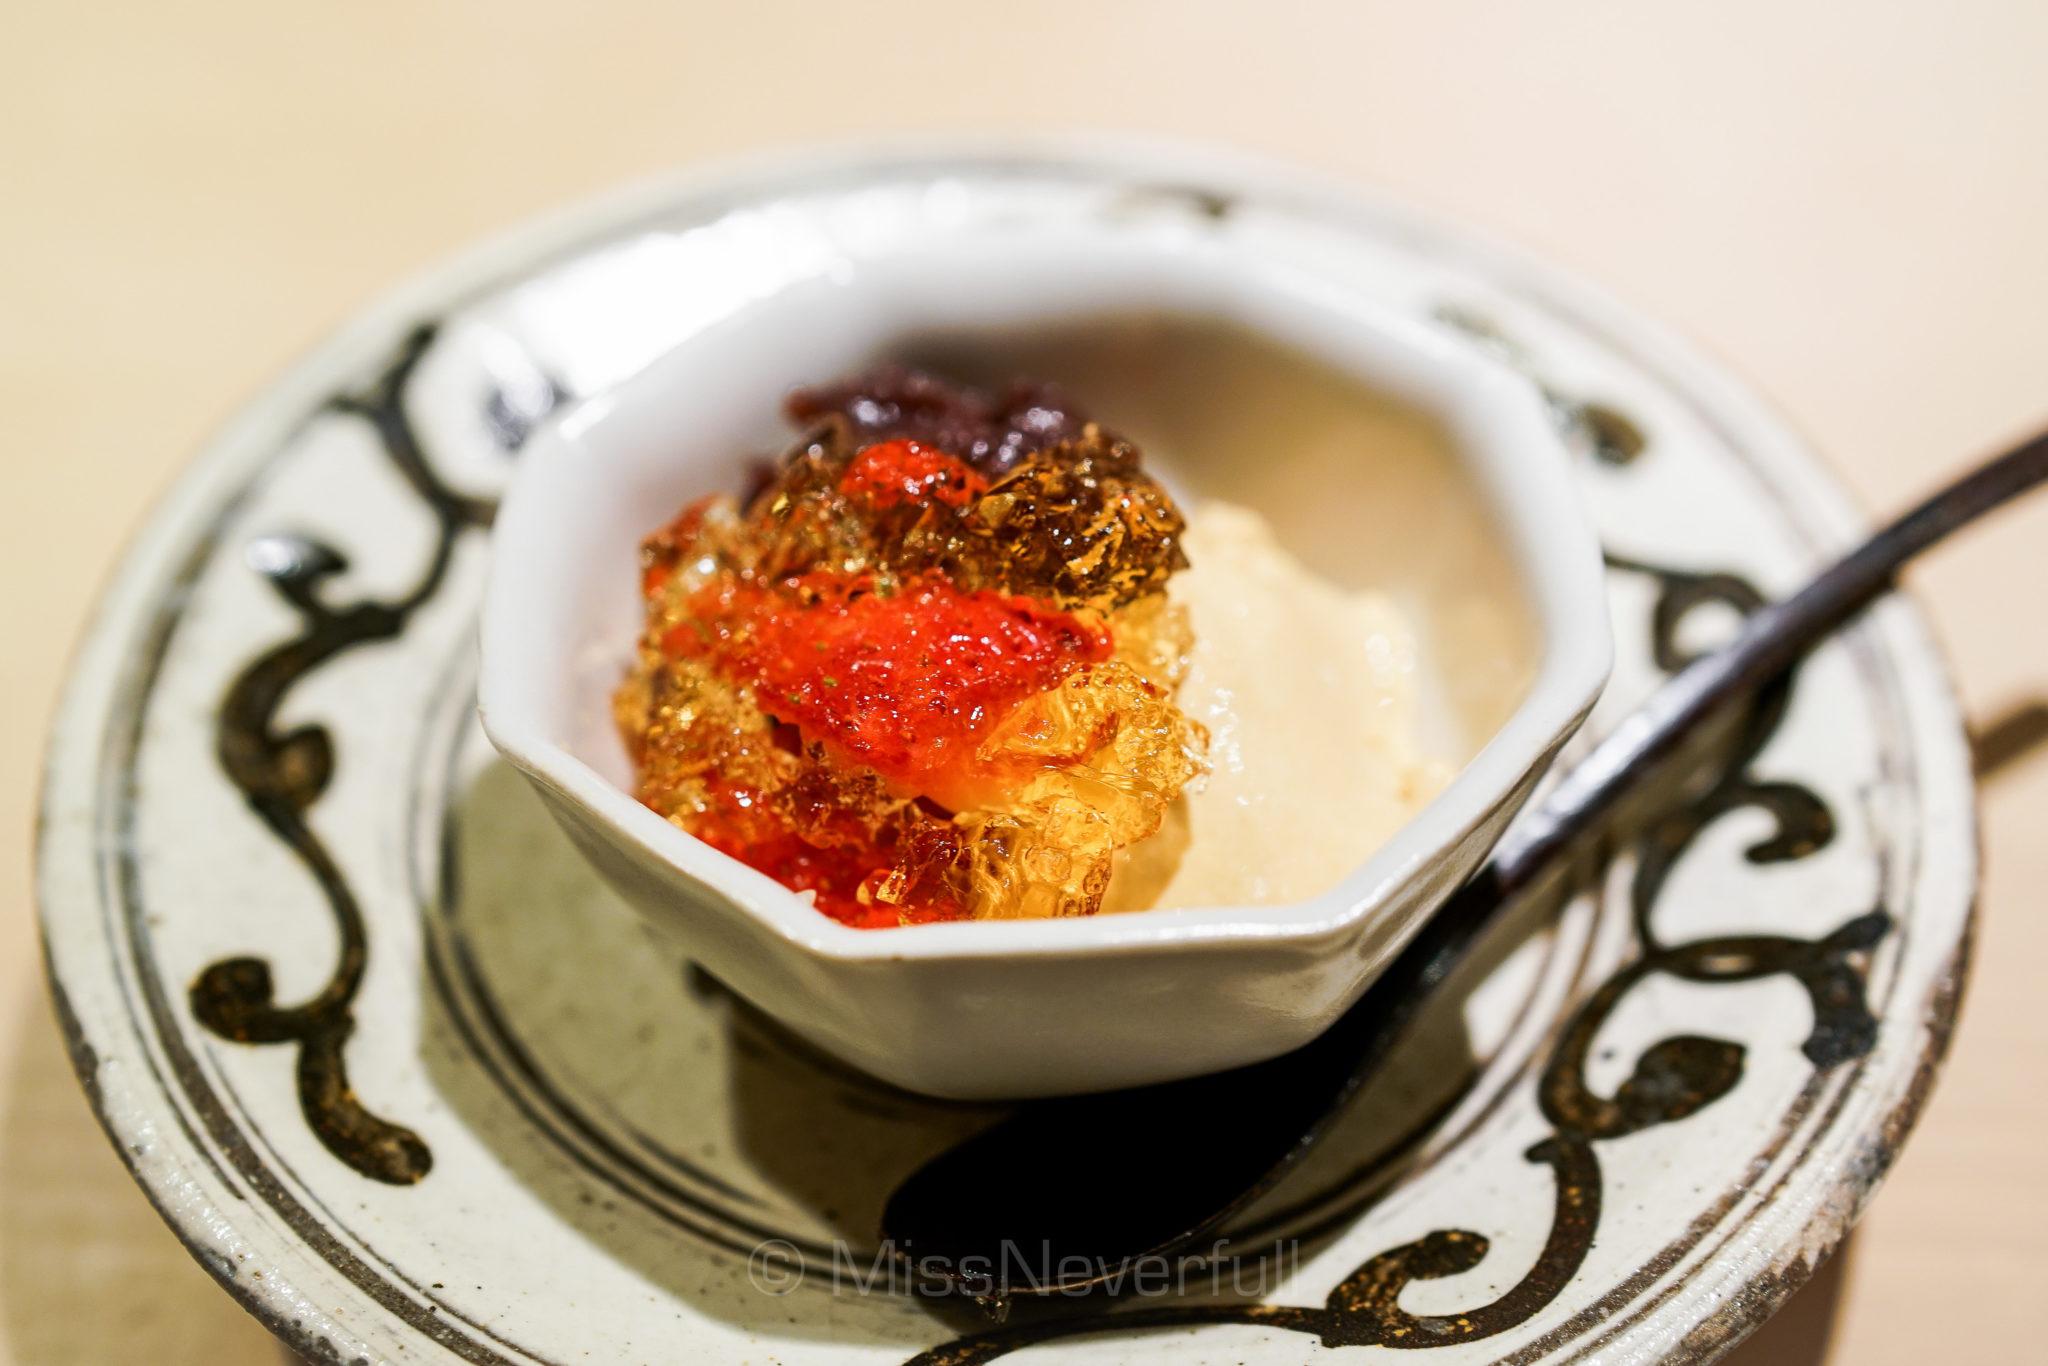 9. 苺 小豆 焦がし砂糖のムース ラム酒ゼリー  Caramel mousse, rum jelly, red bean and strawberry